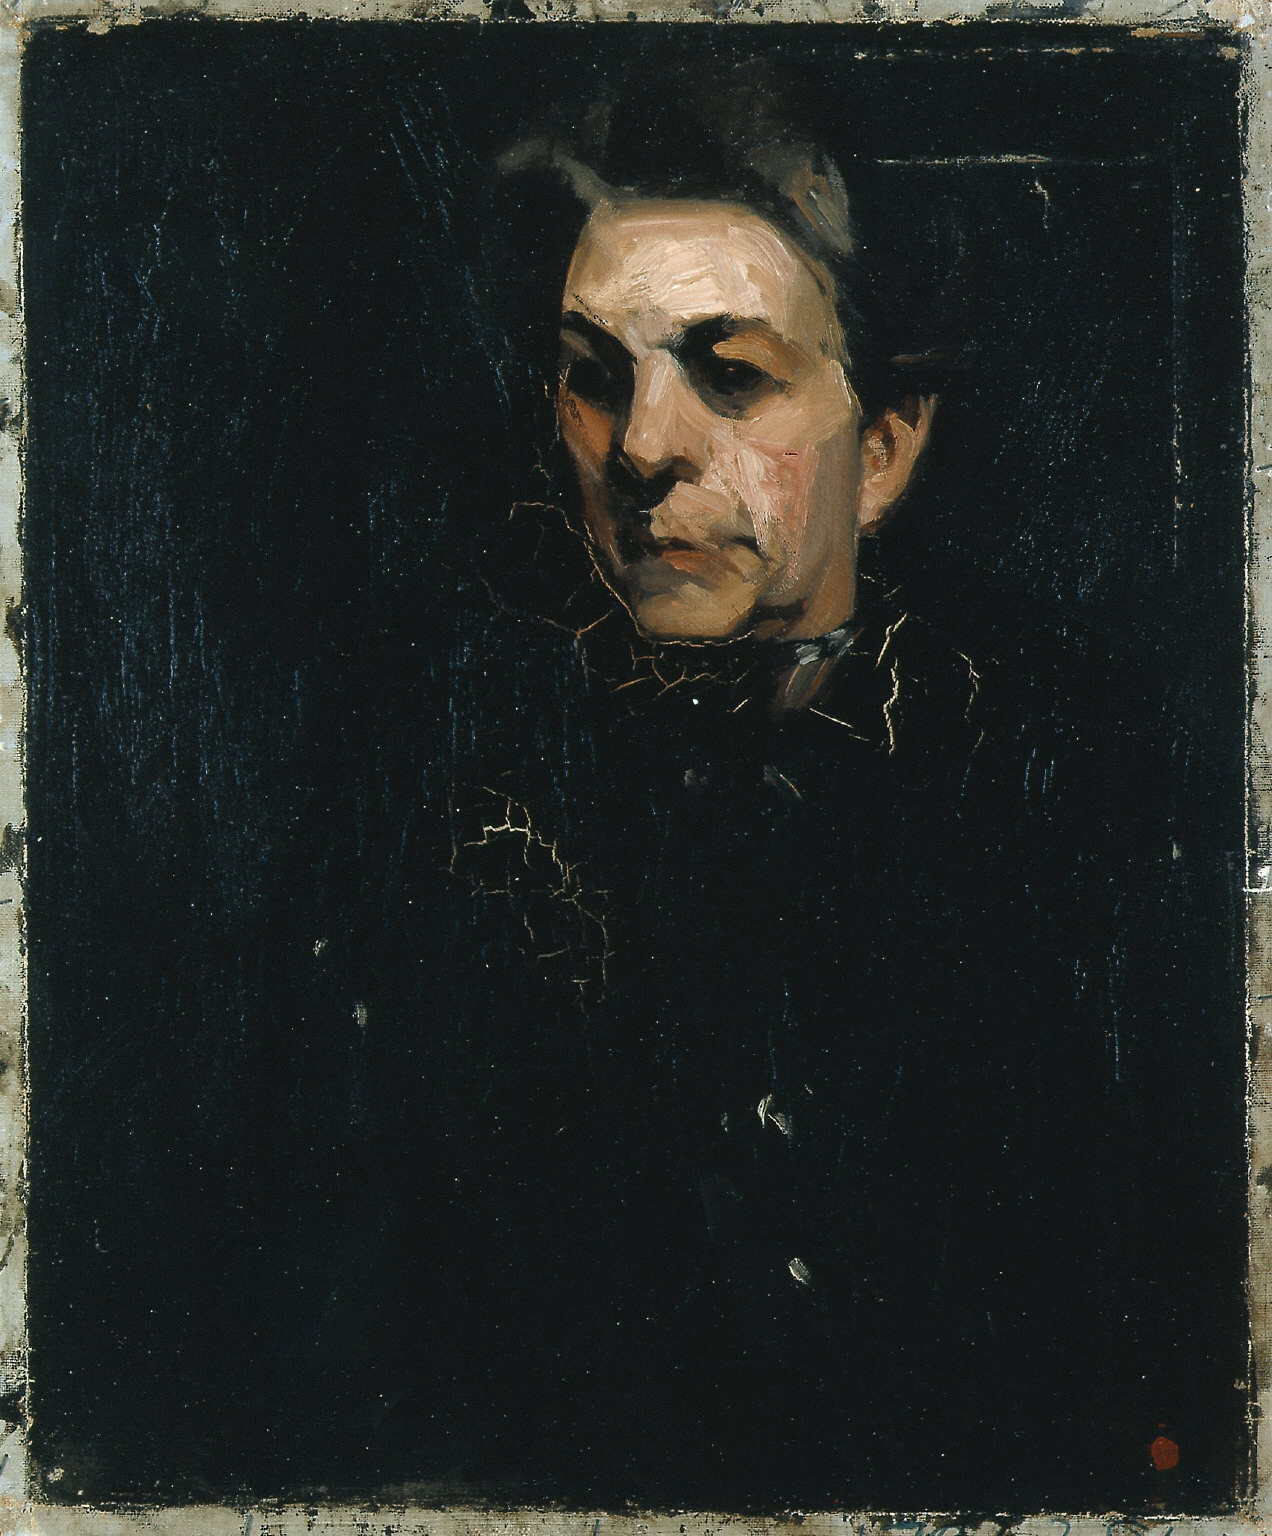 (Portrait of a Woman)